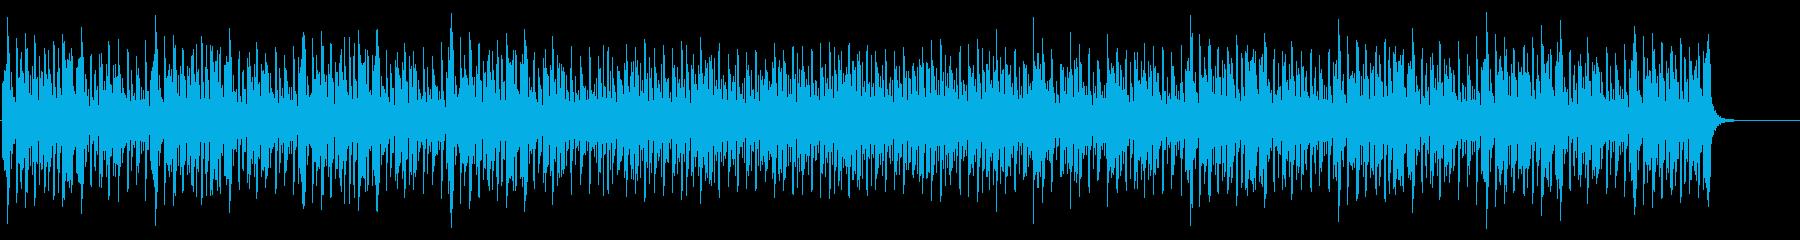 明るく楽しいサイエンスな曲の再生済みの波形